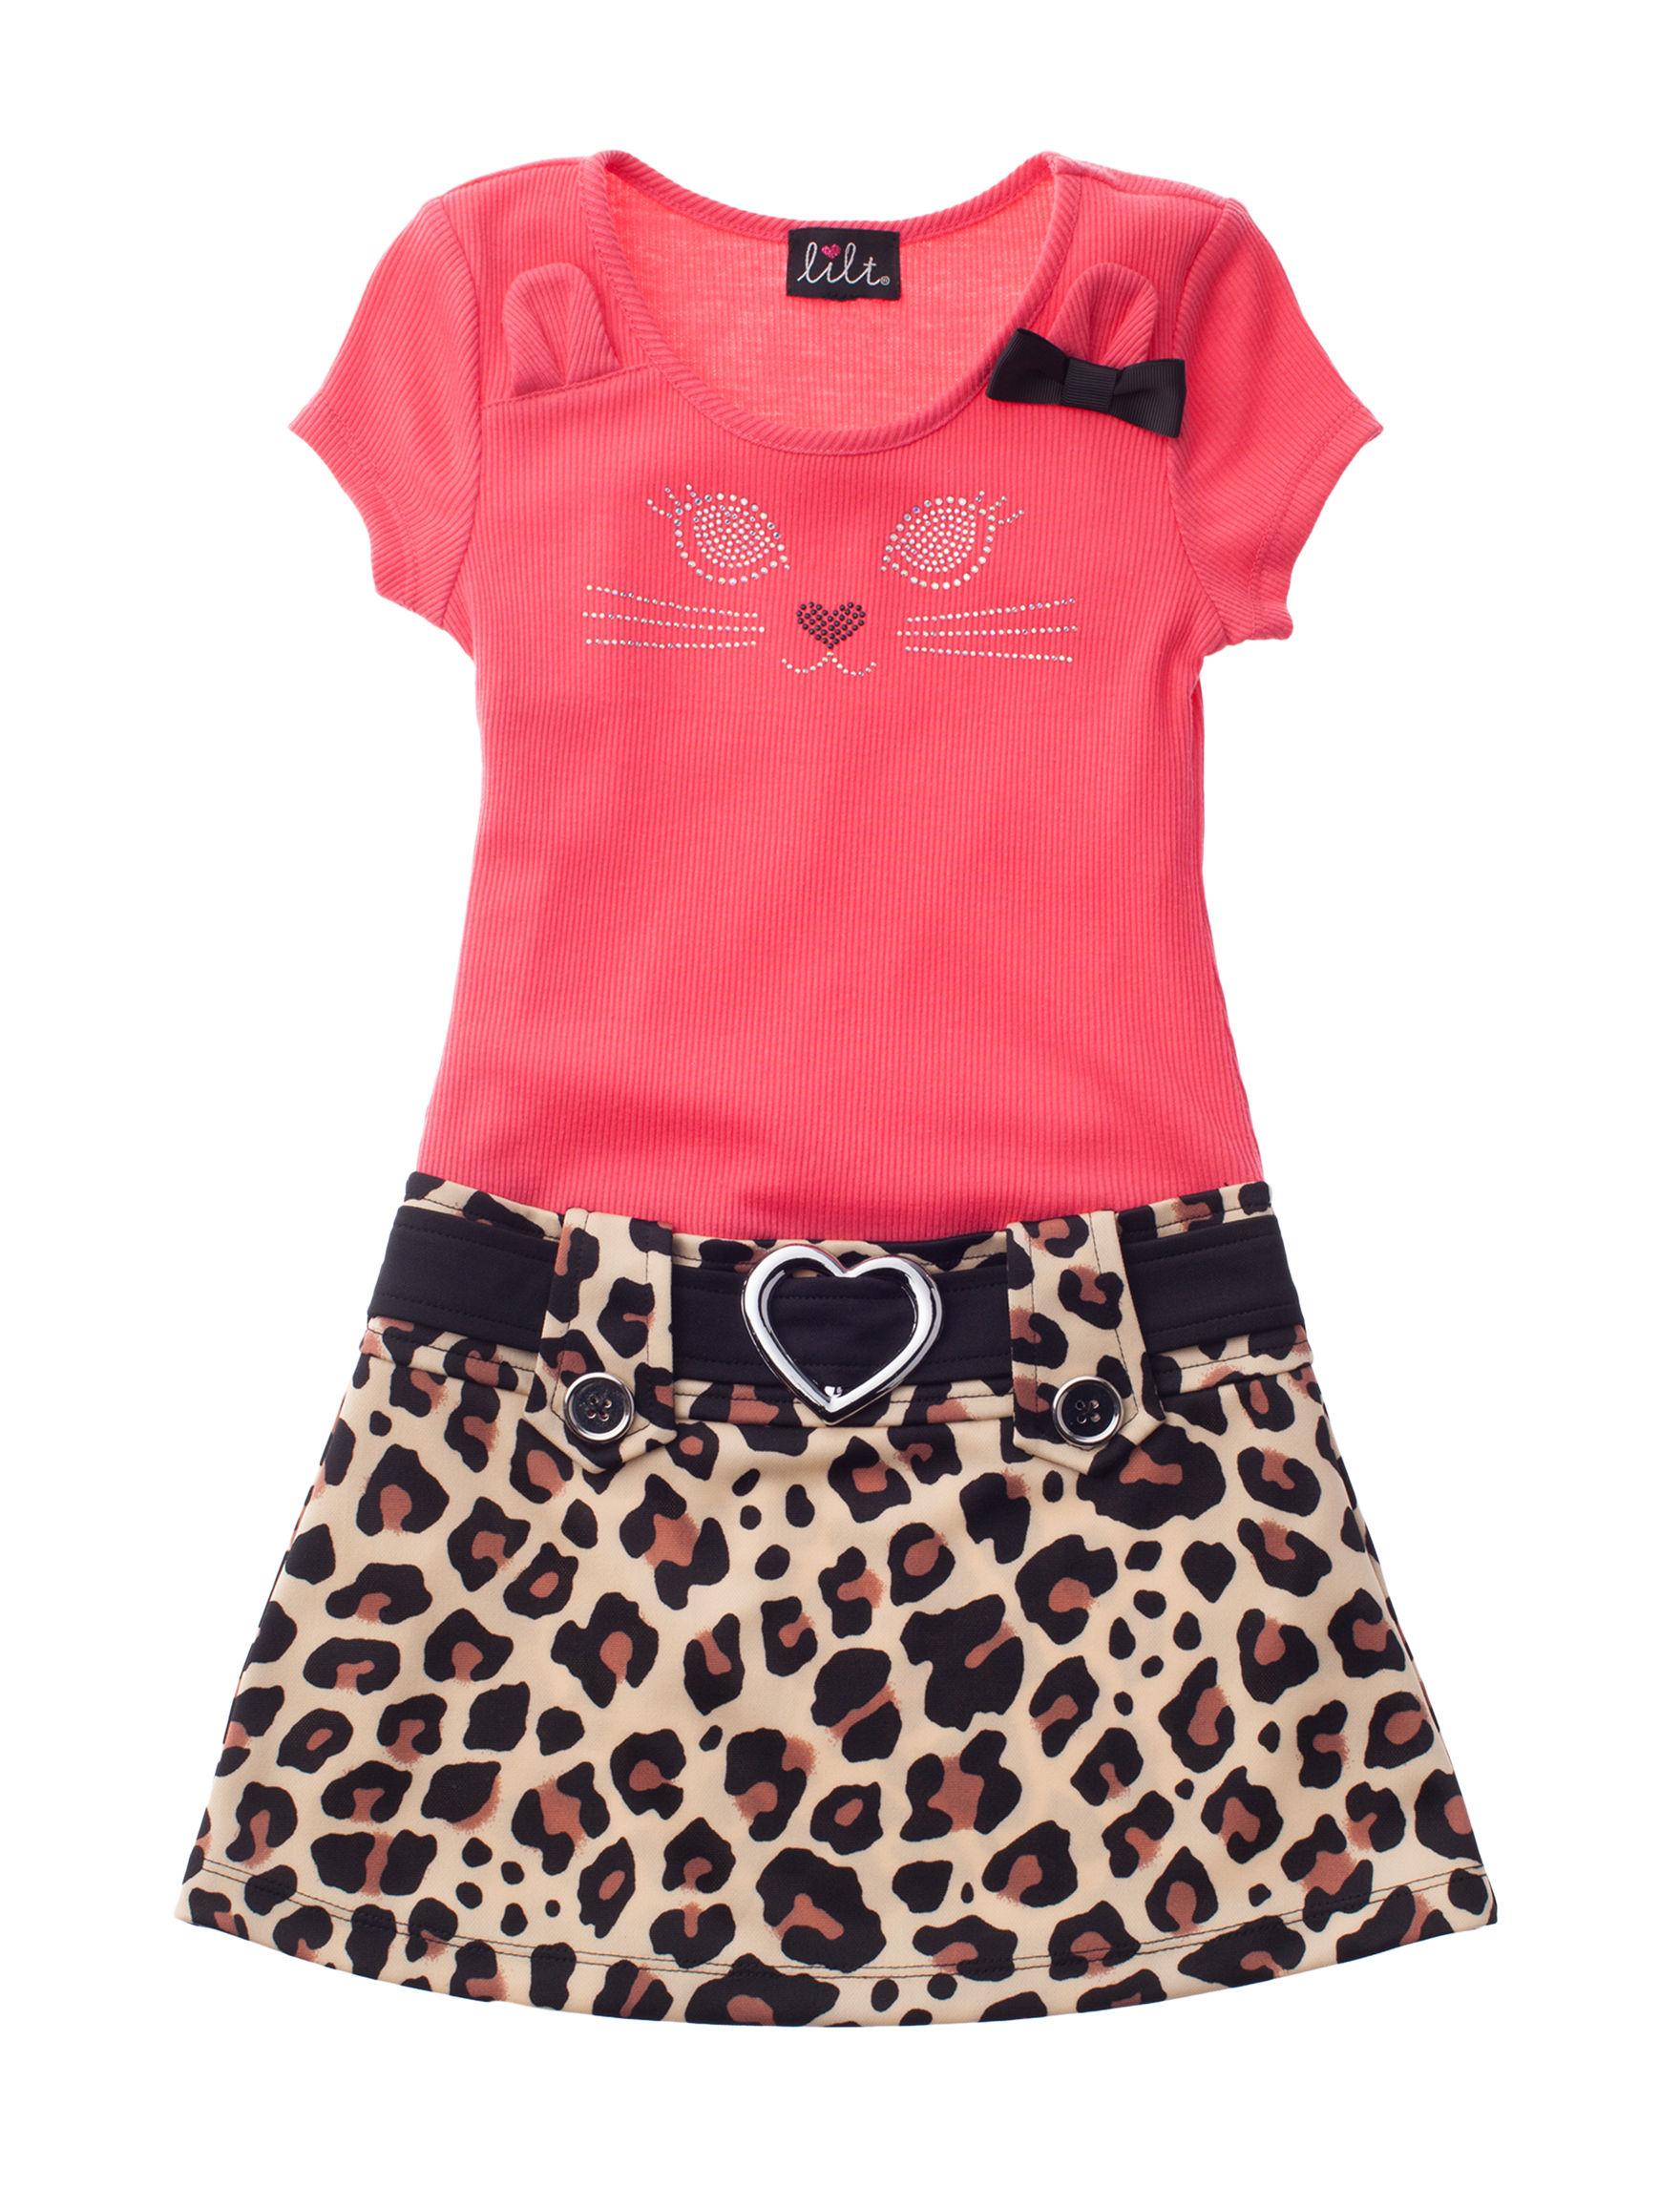 Lilt Coral / Leopard